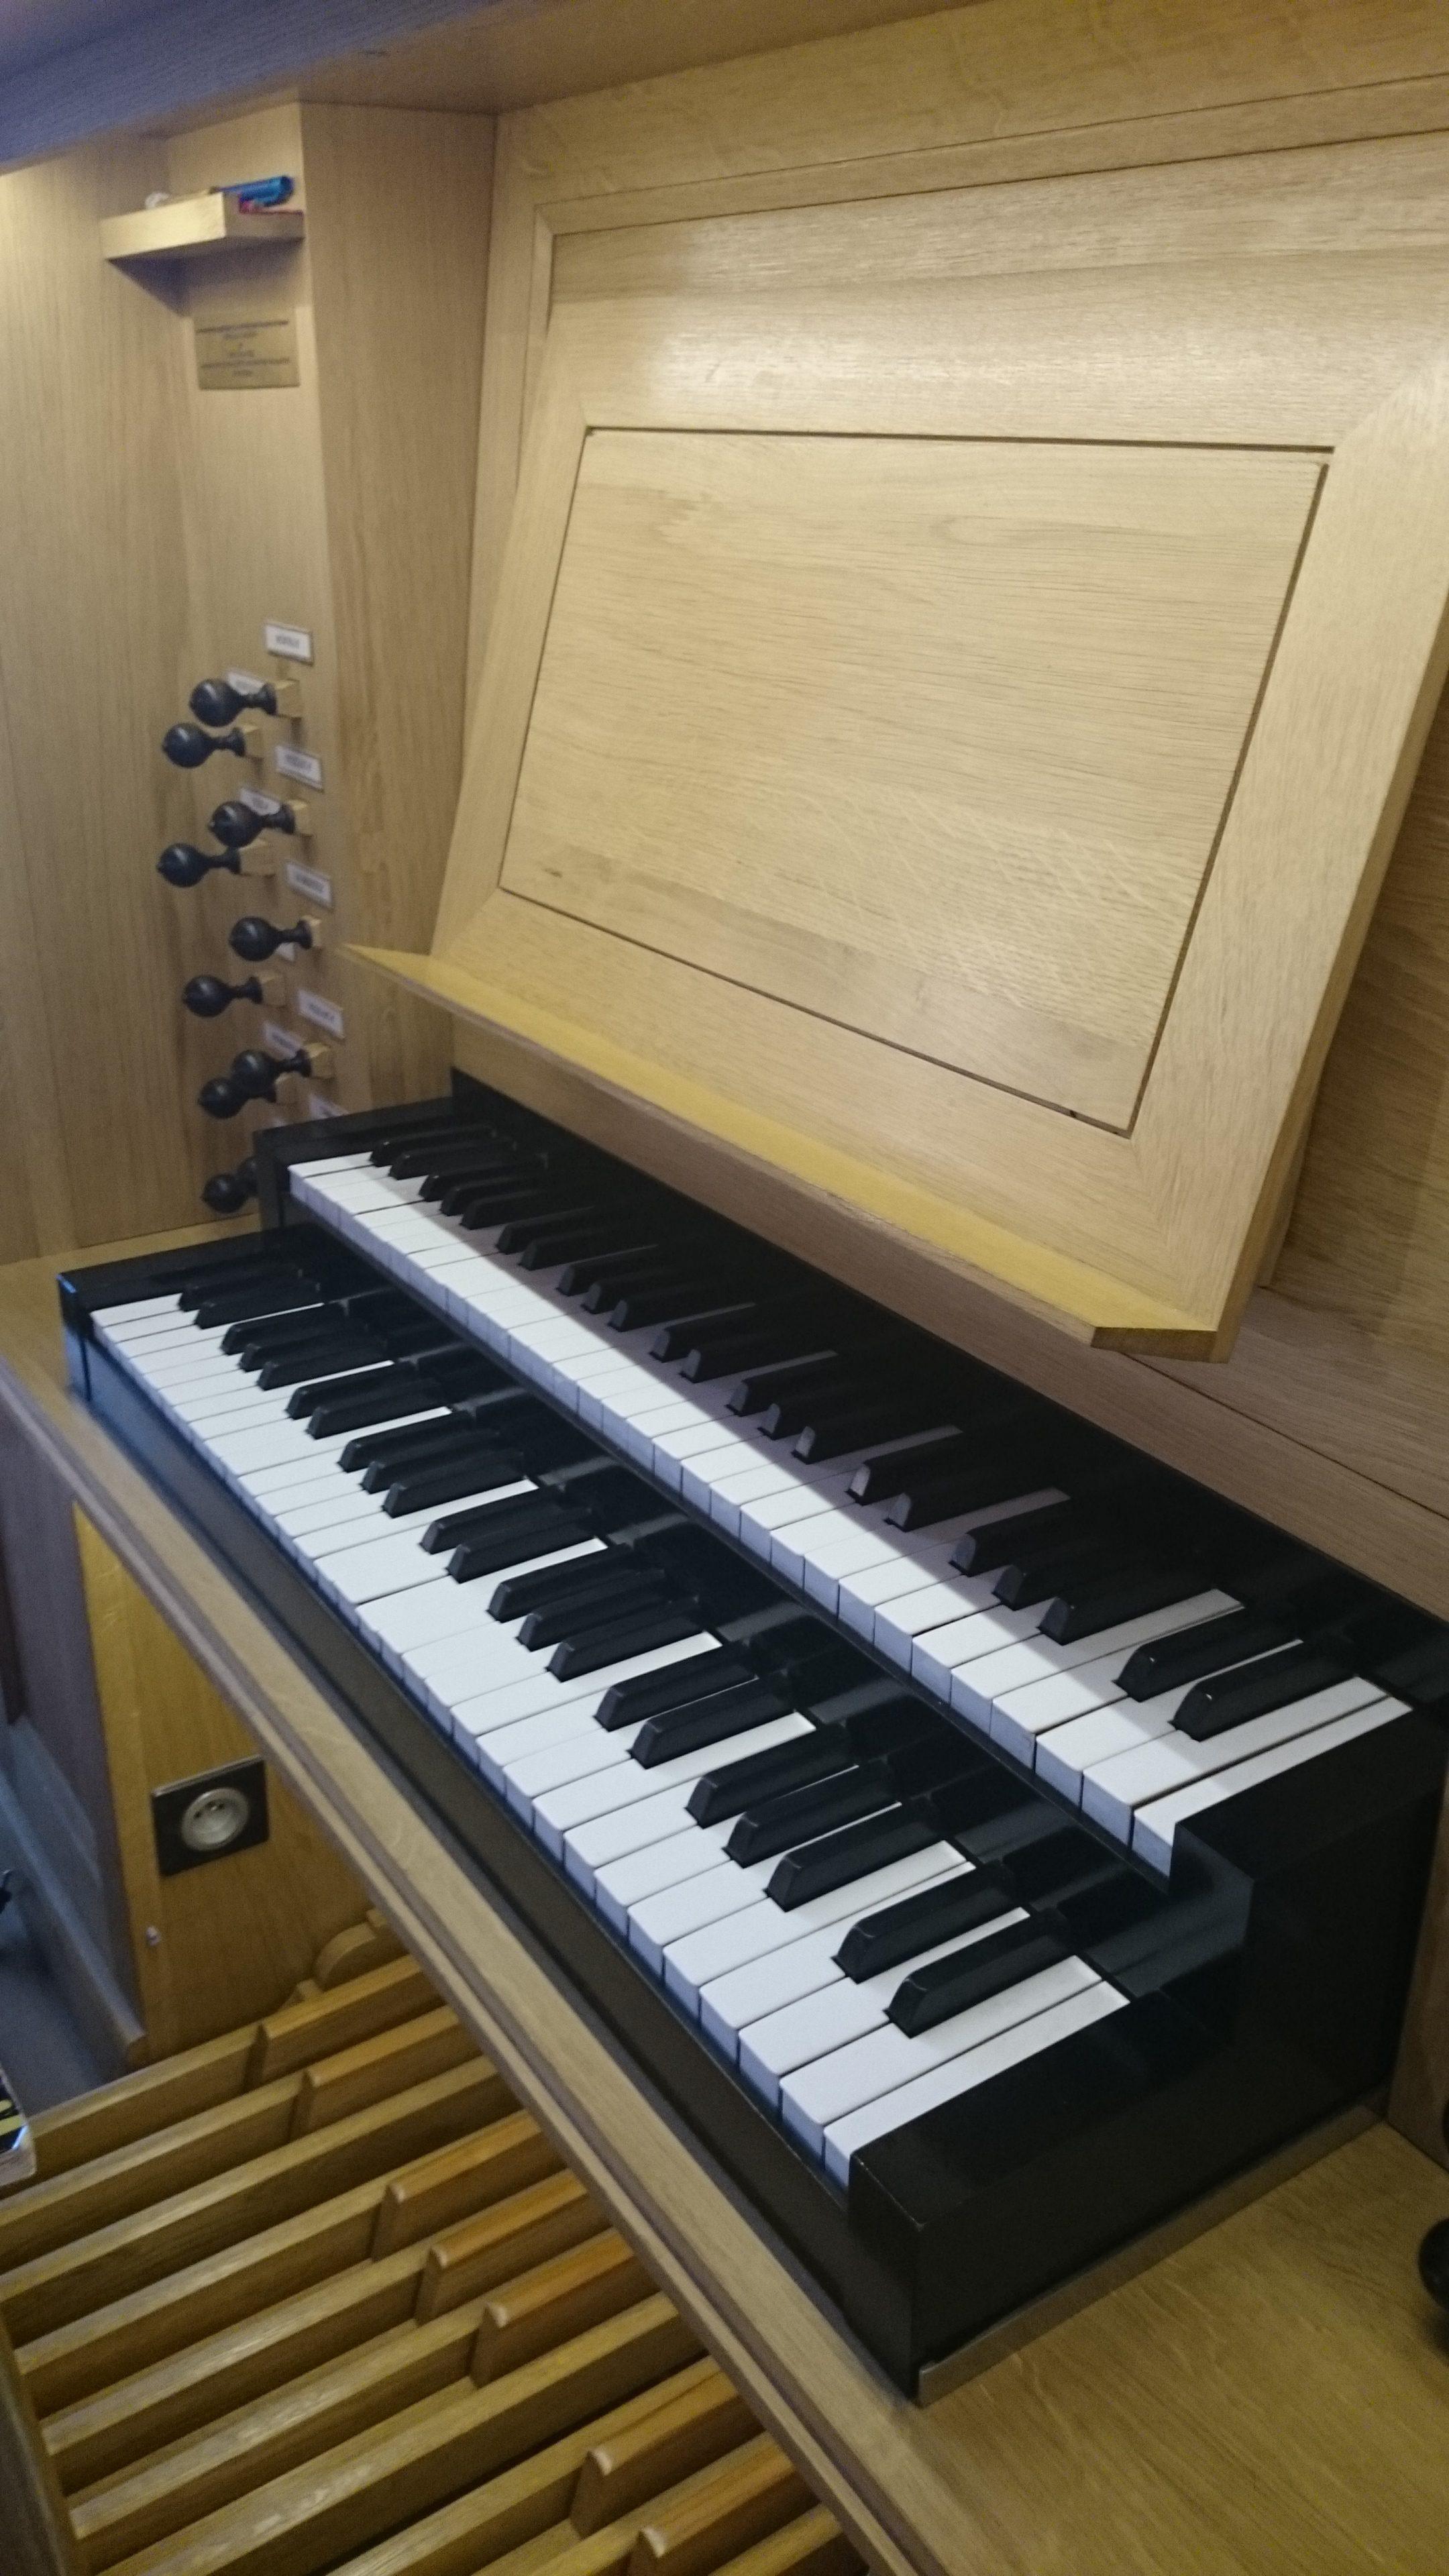 Console de l'orgue de la Cathédrale de Nanterre Concert Willy Ippolito